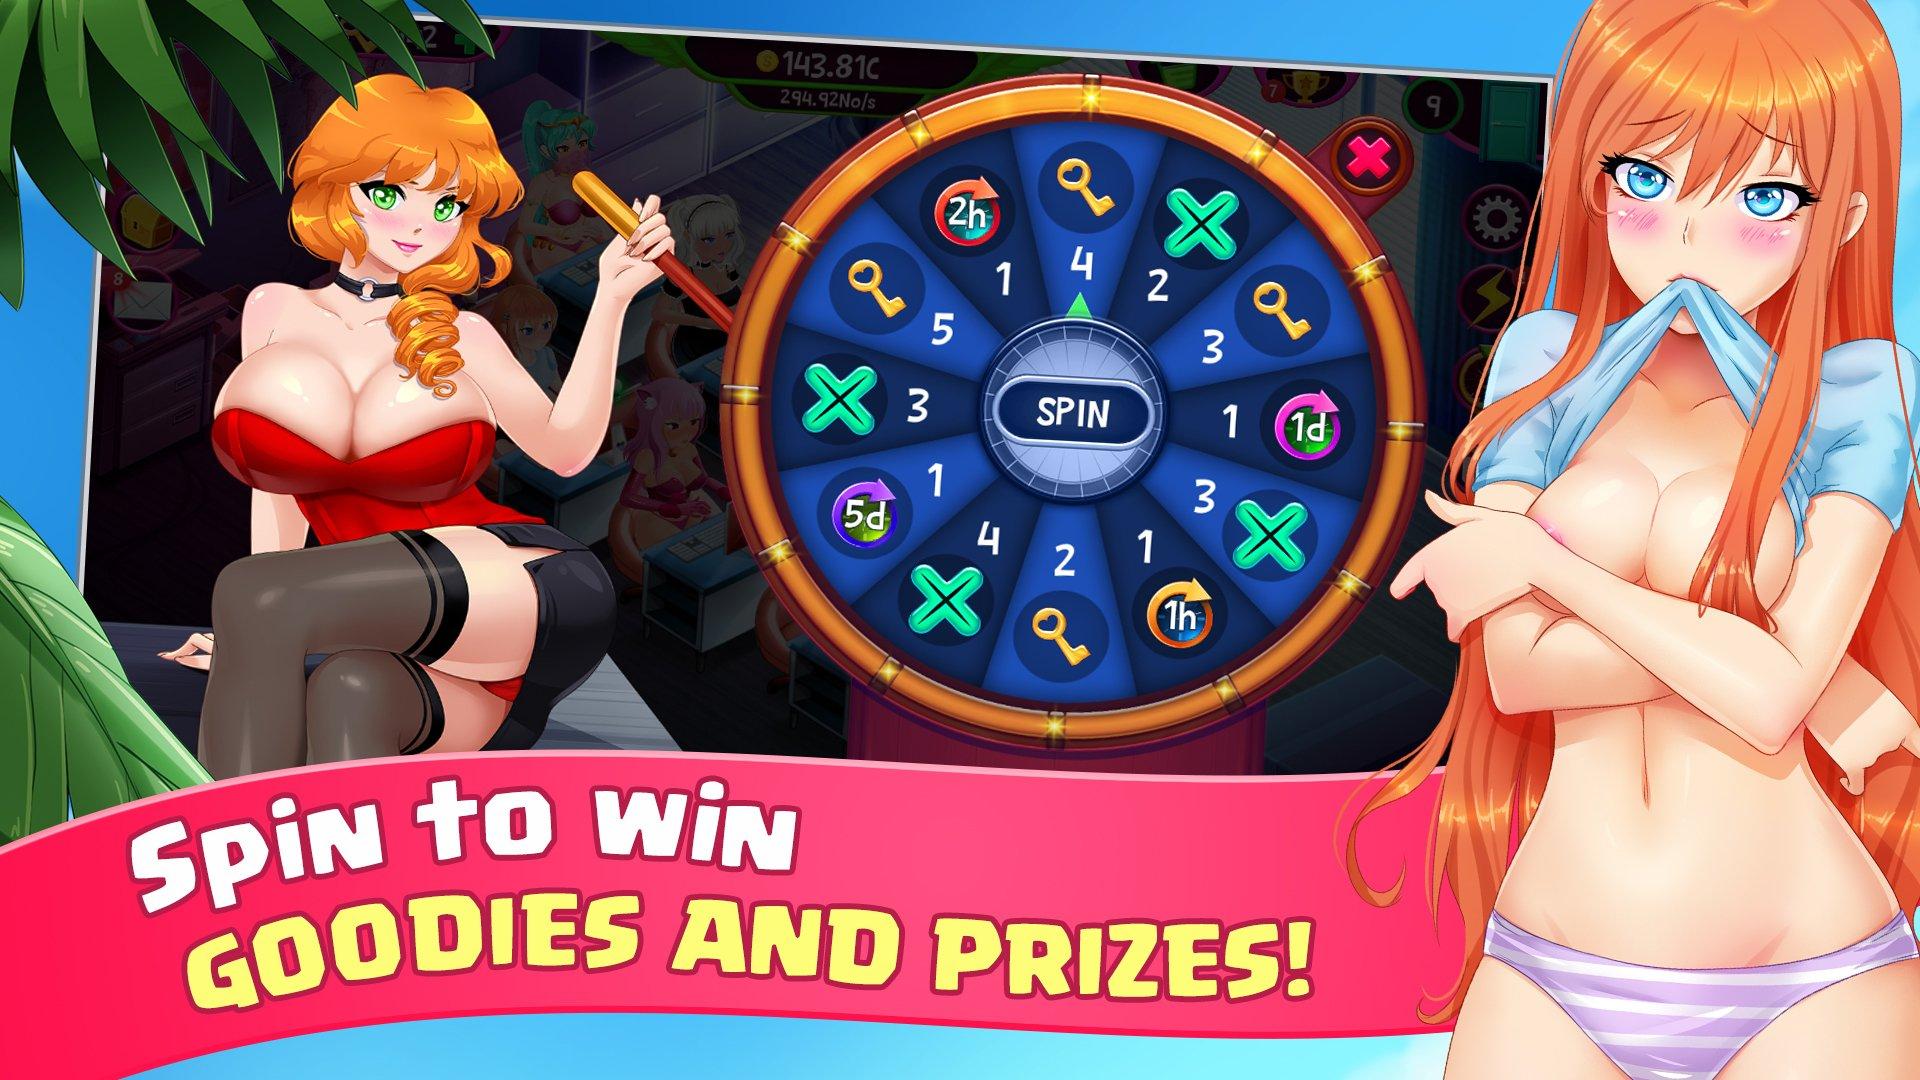 fapceo-awards-nutaku-sex-game